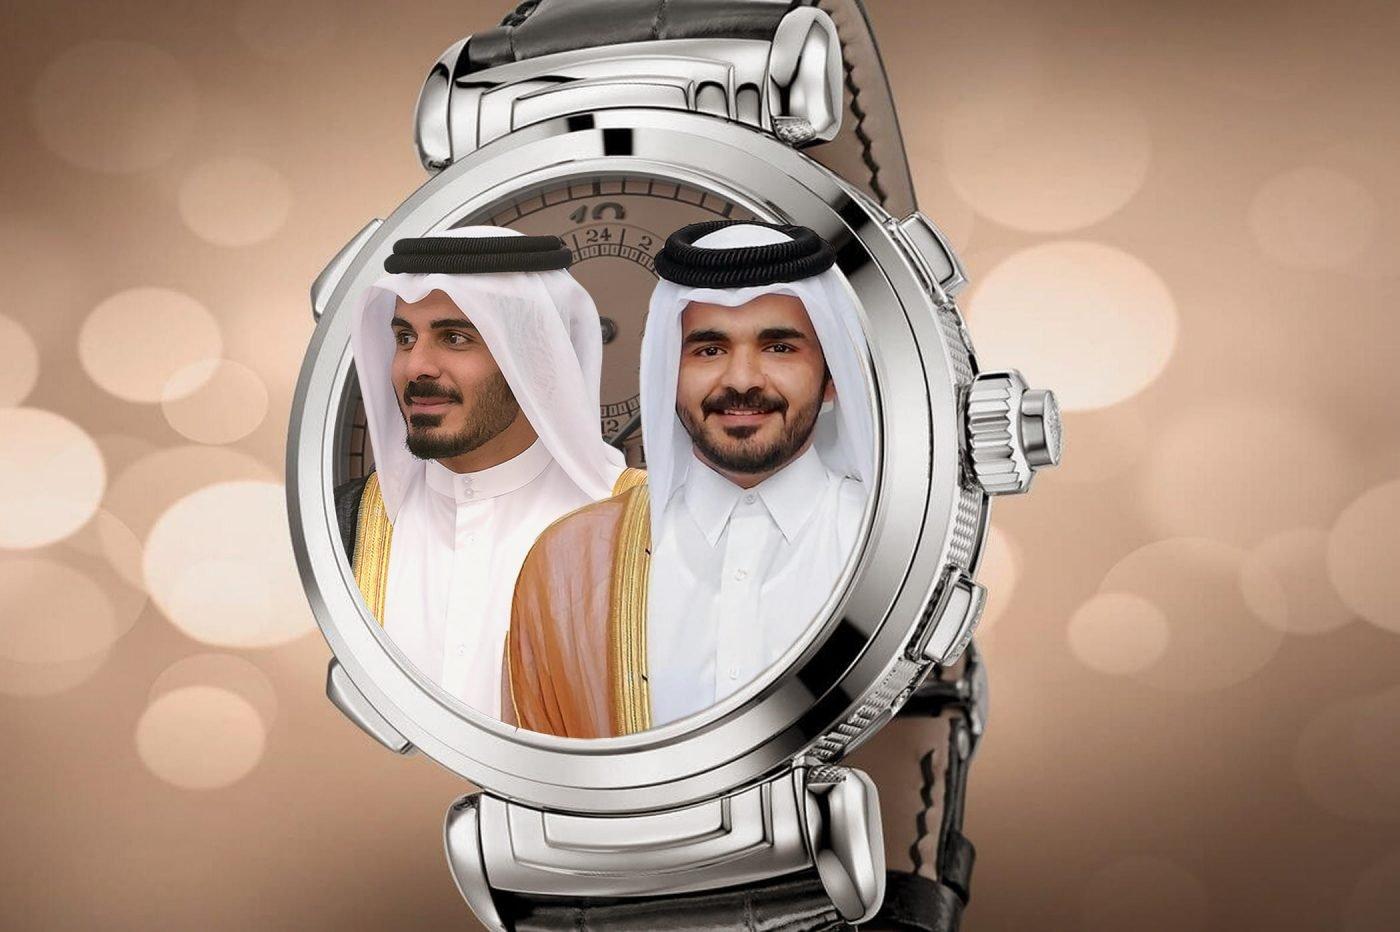 Petro-zegarki czyli co noszą szejkowie